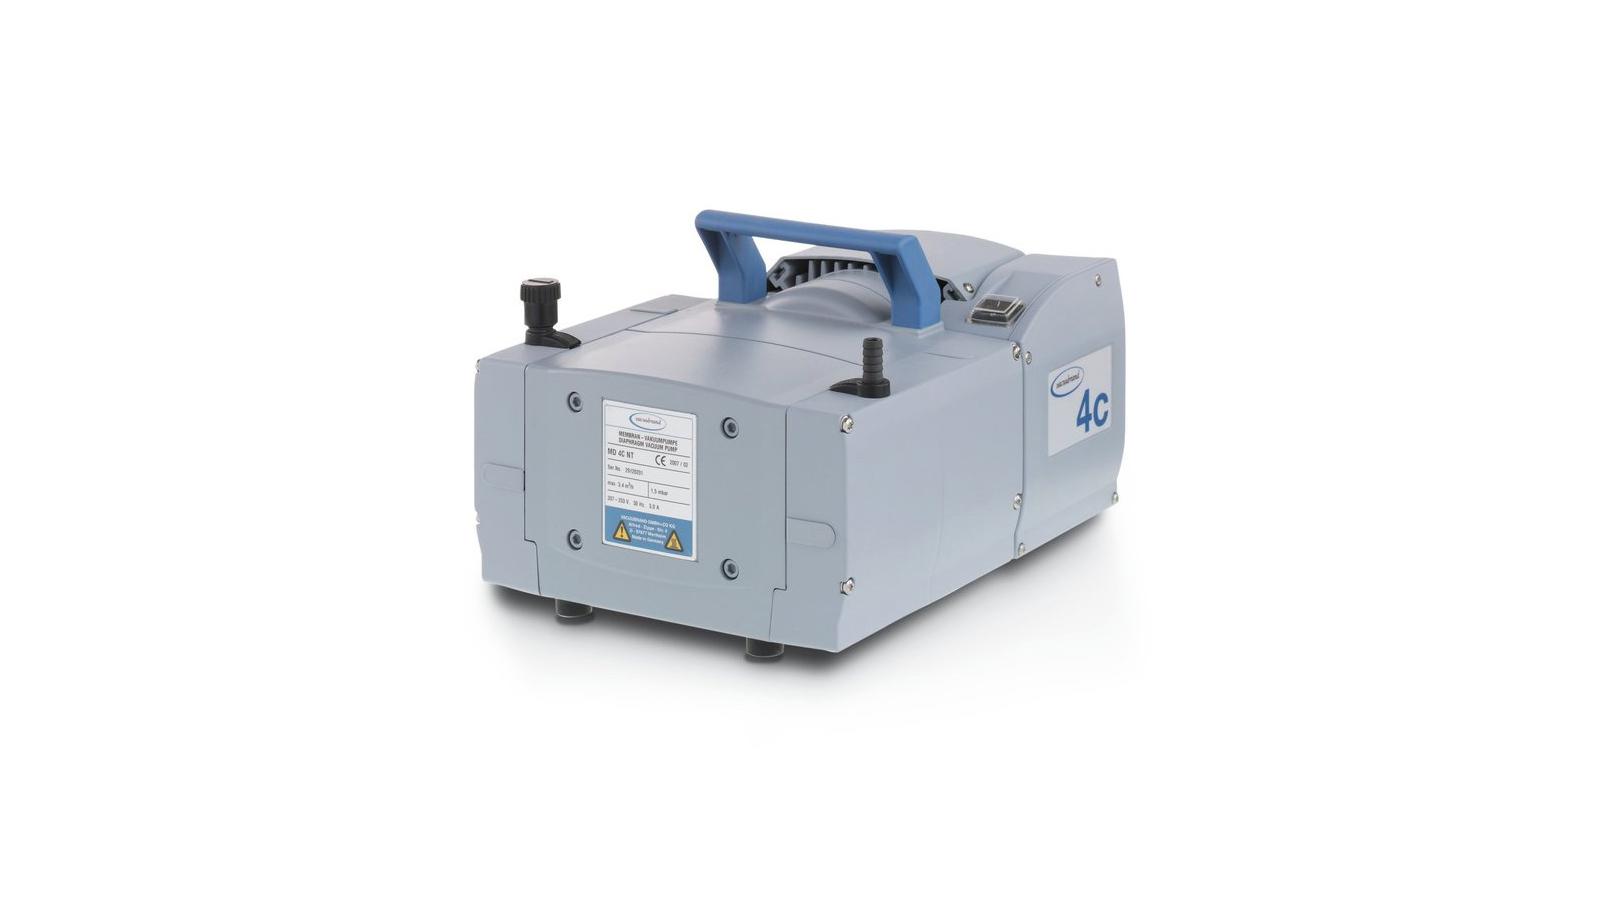 Vacuubrand MD 4C NT Vakum Pompası || Merlab Laboratuvar Ekipmanları